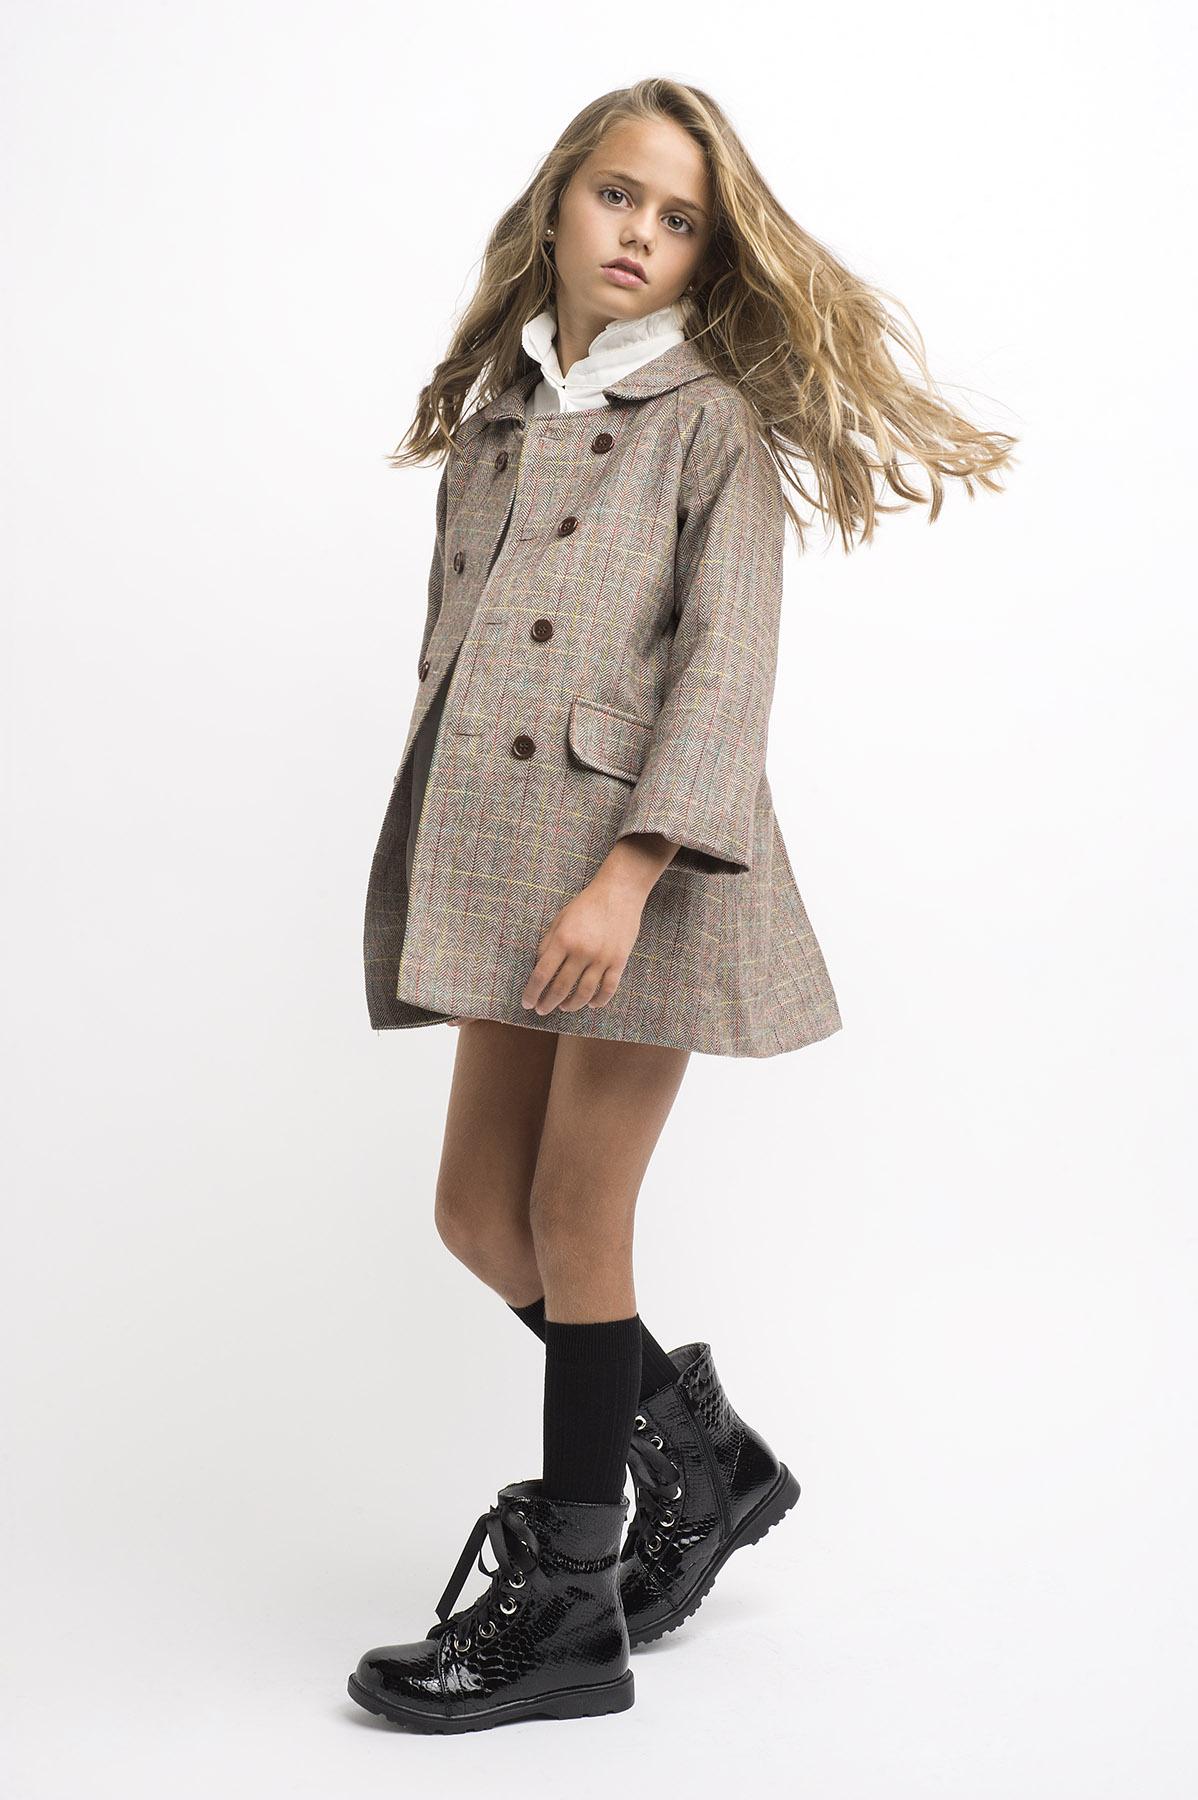 catalogo moda infantil en estudio con mi hija Paula Carrasco